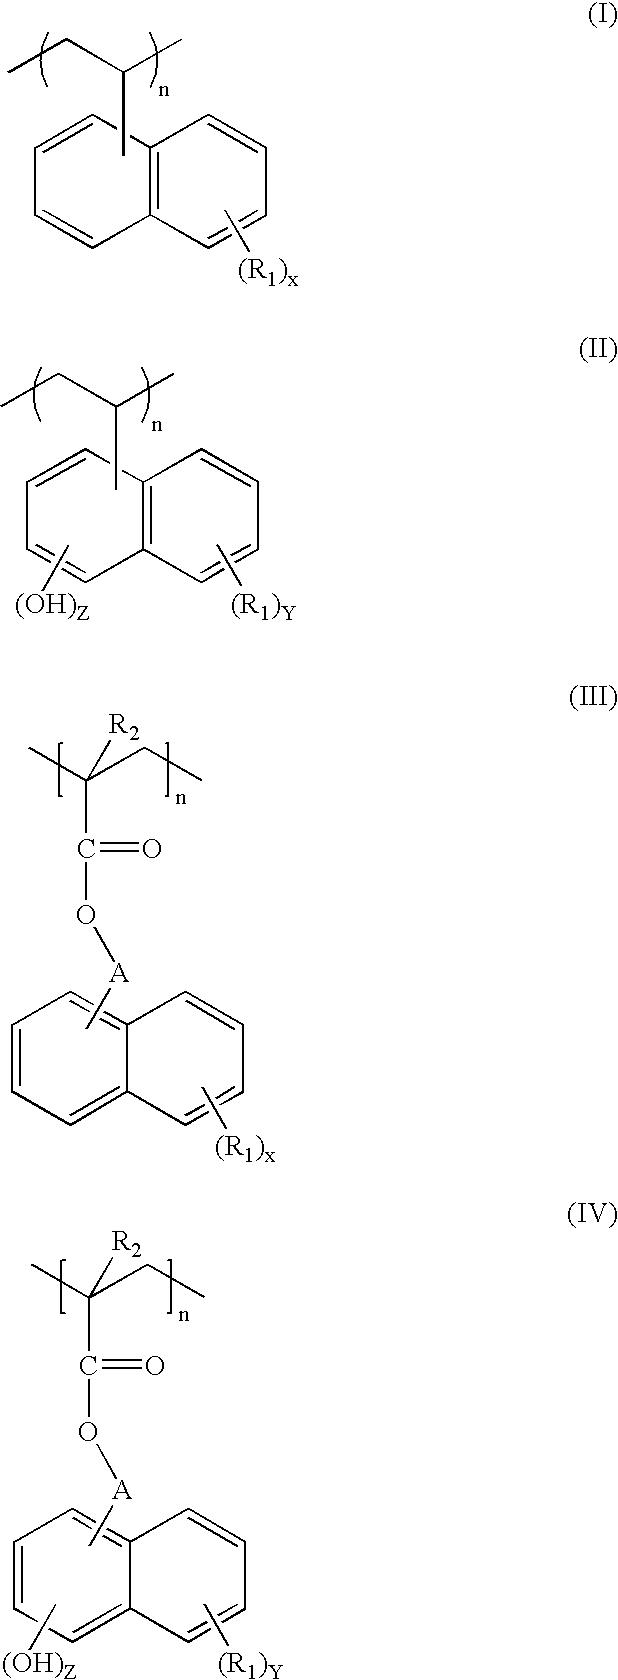 Figure US20060134547A1-20060622-C00002